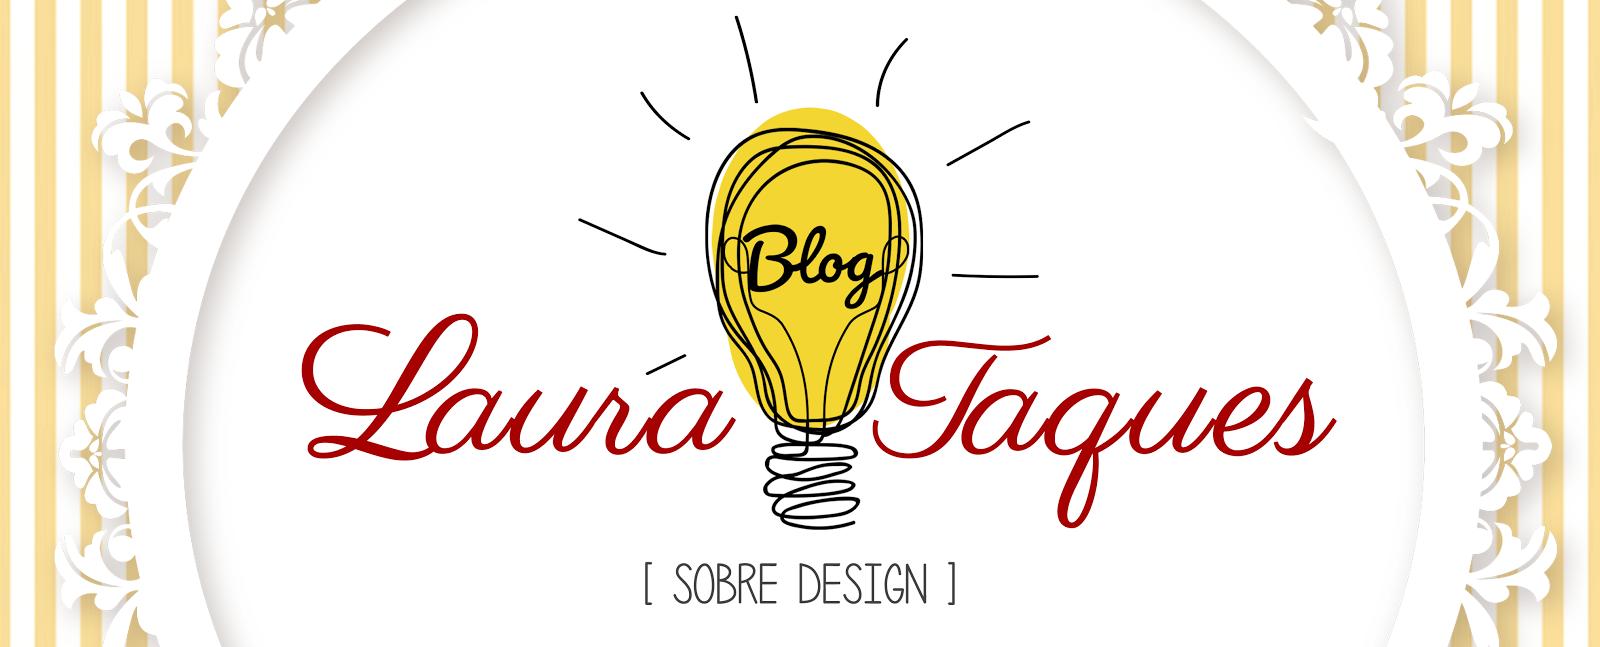 Blog Laura Taques